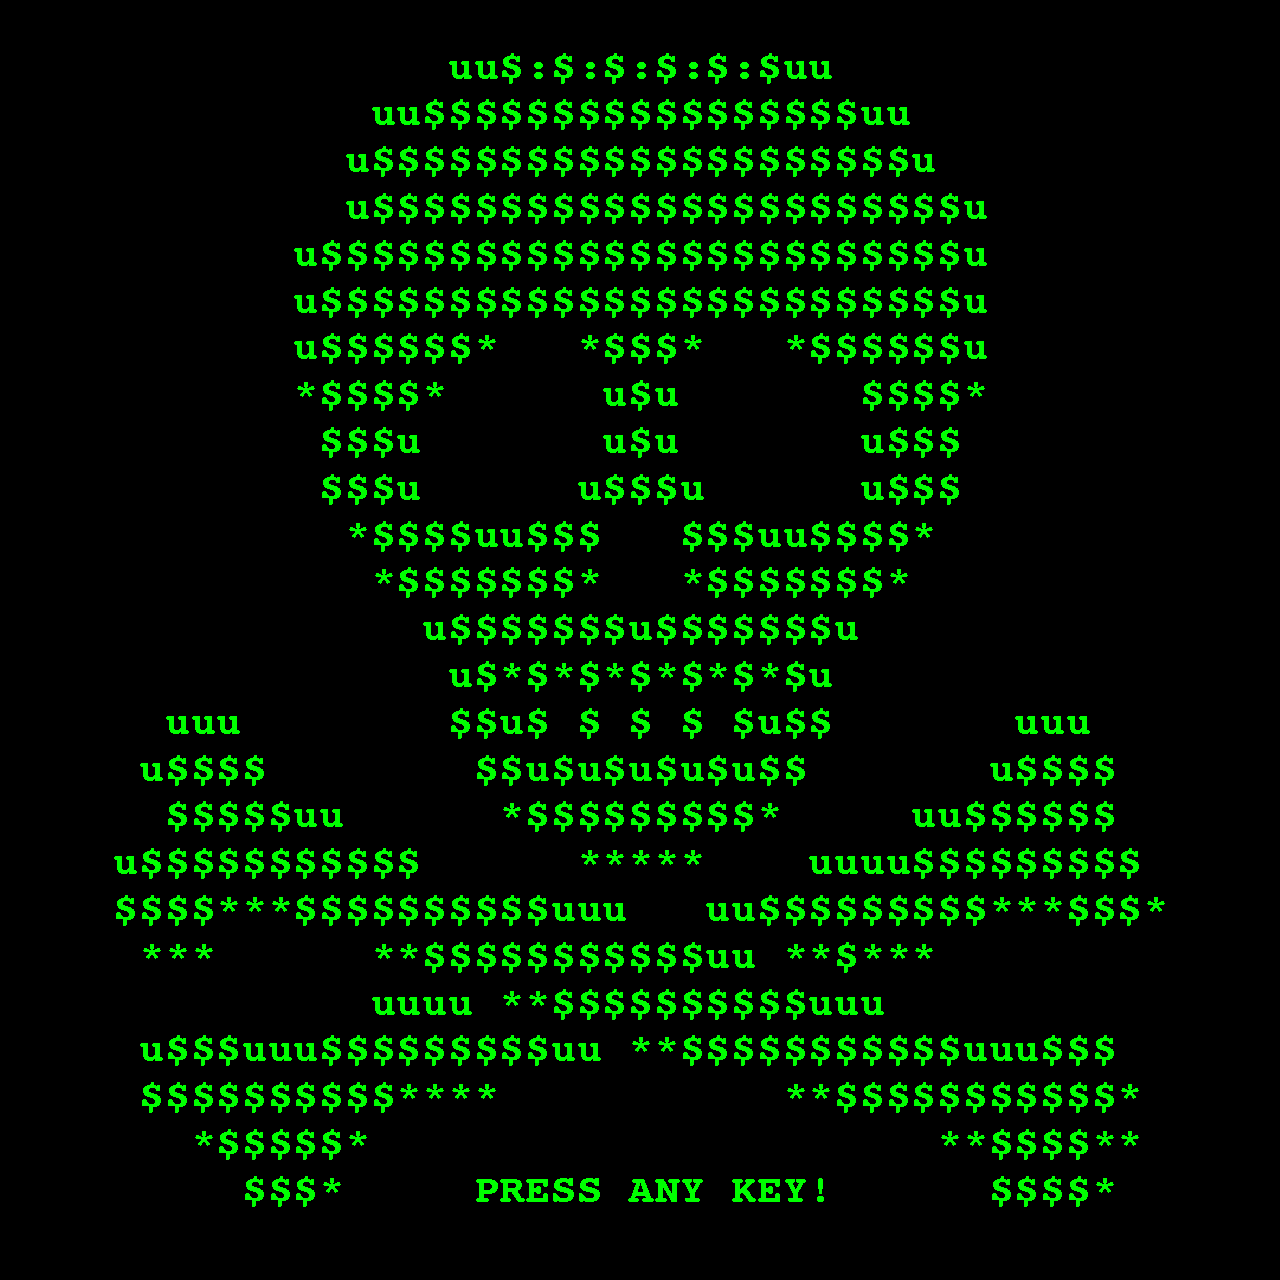 Resultado de imagem para imagens de teclado com corrente ransomware